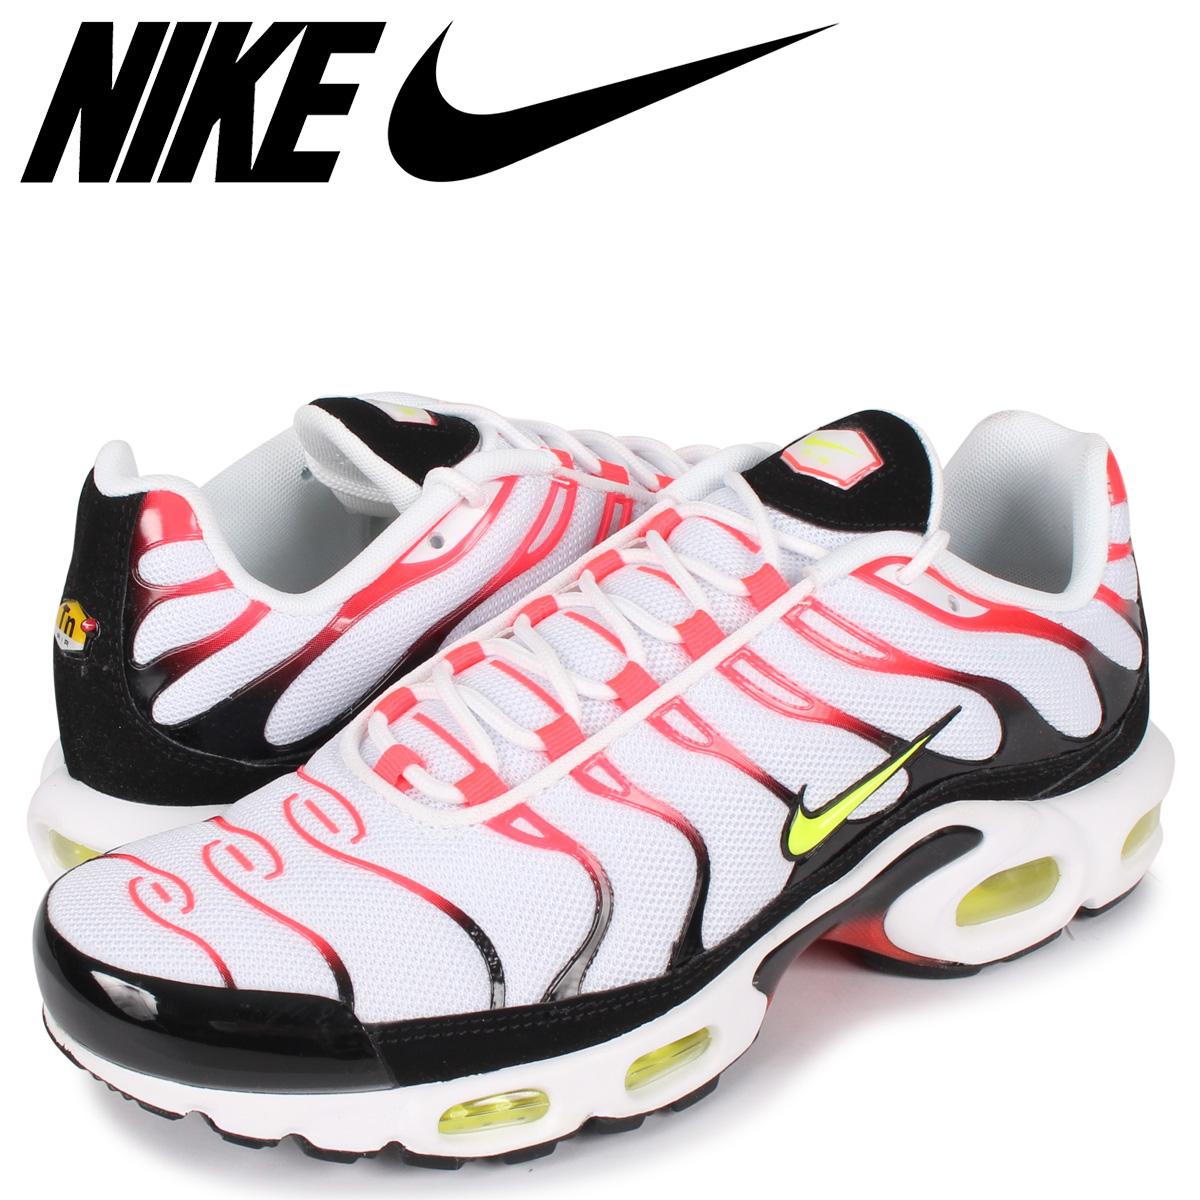 nike air max tn online shop